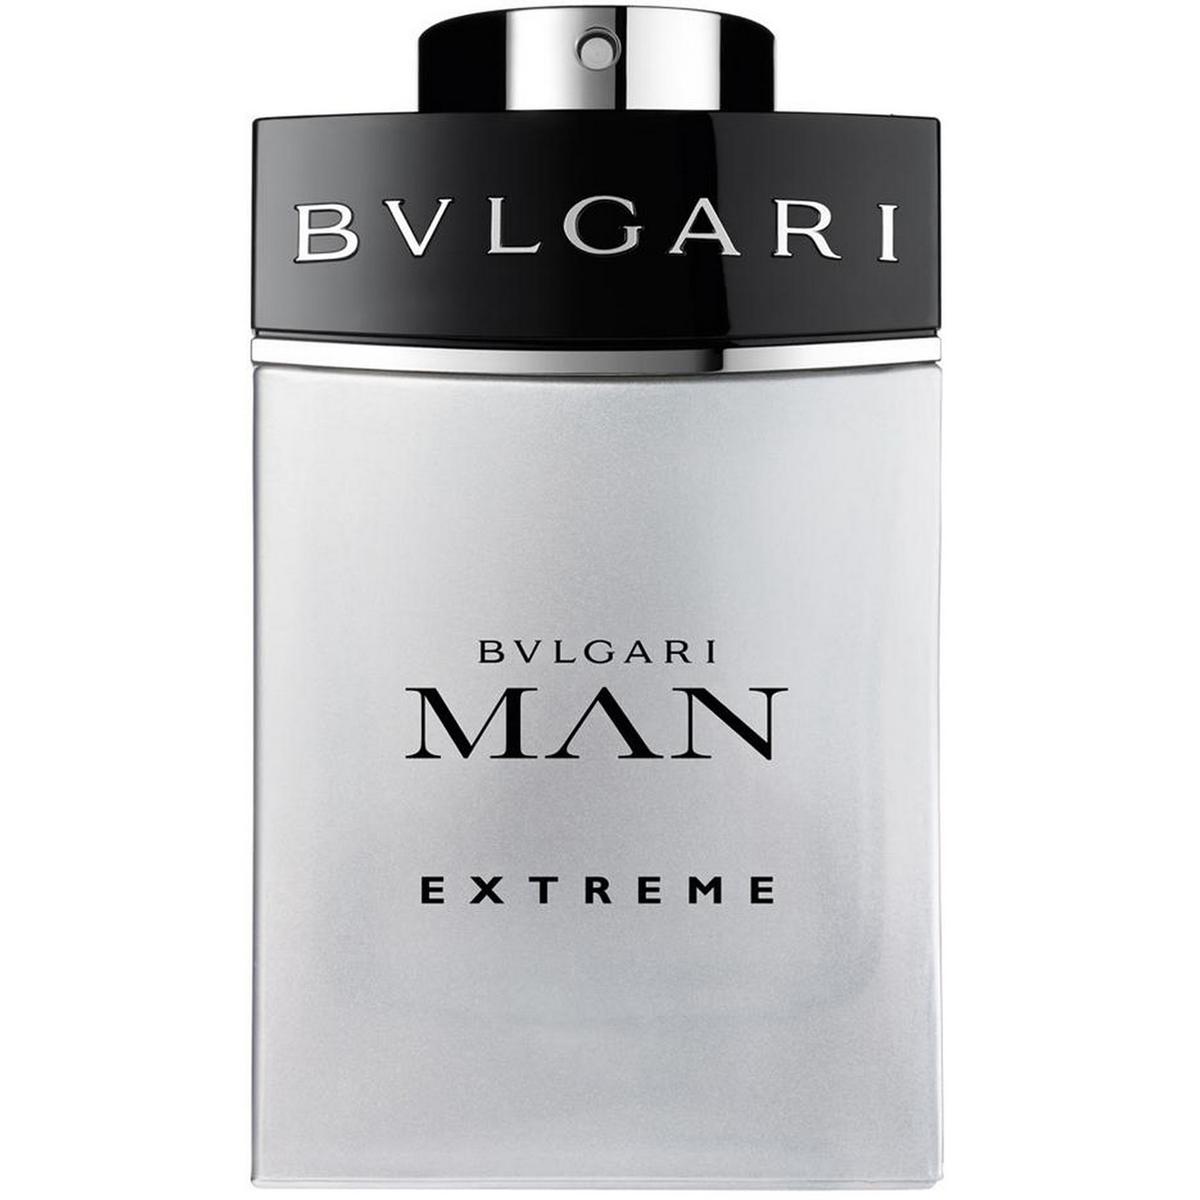 Bvlgari EDT Man Extreme 100ml